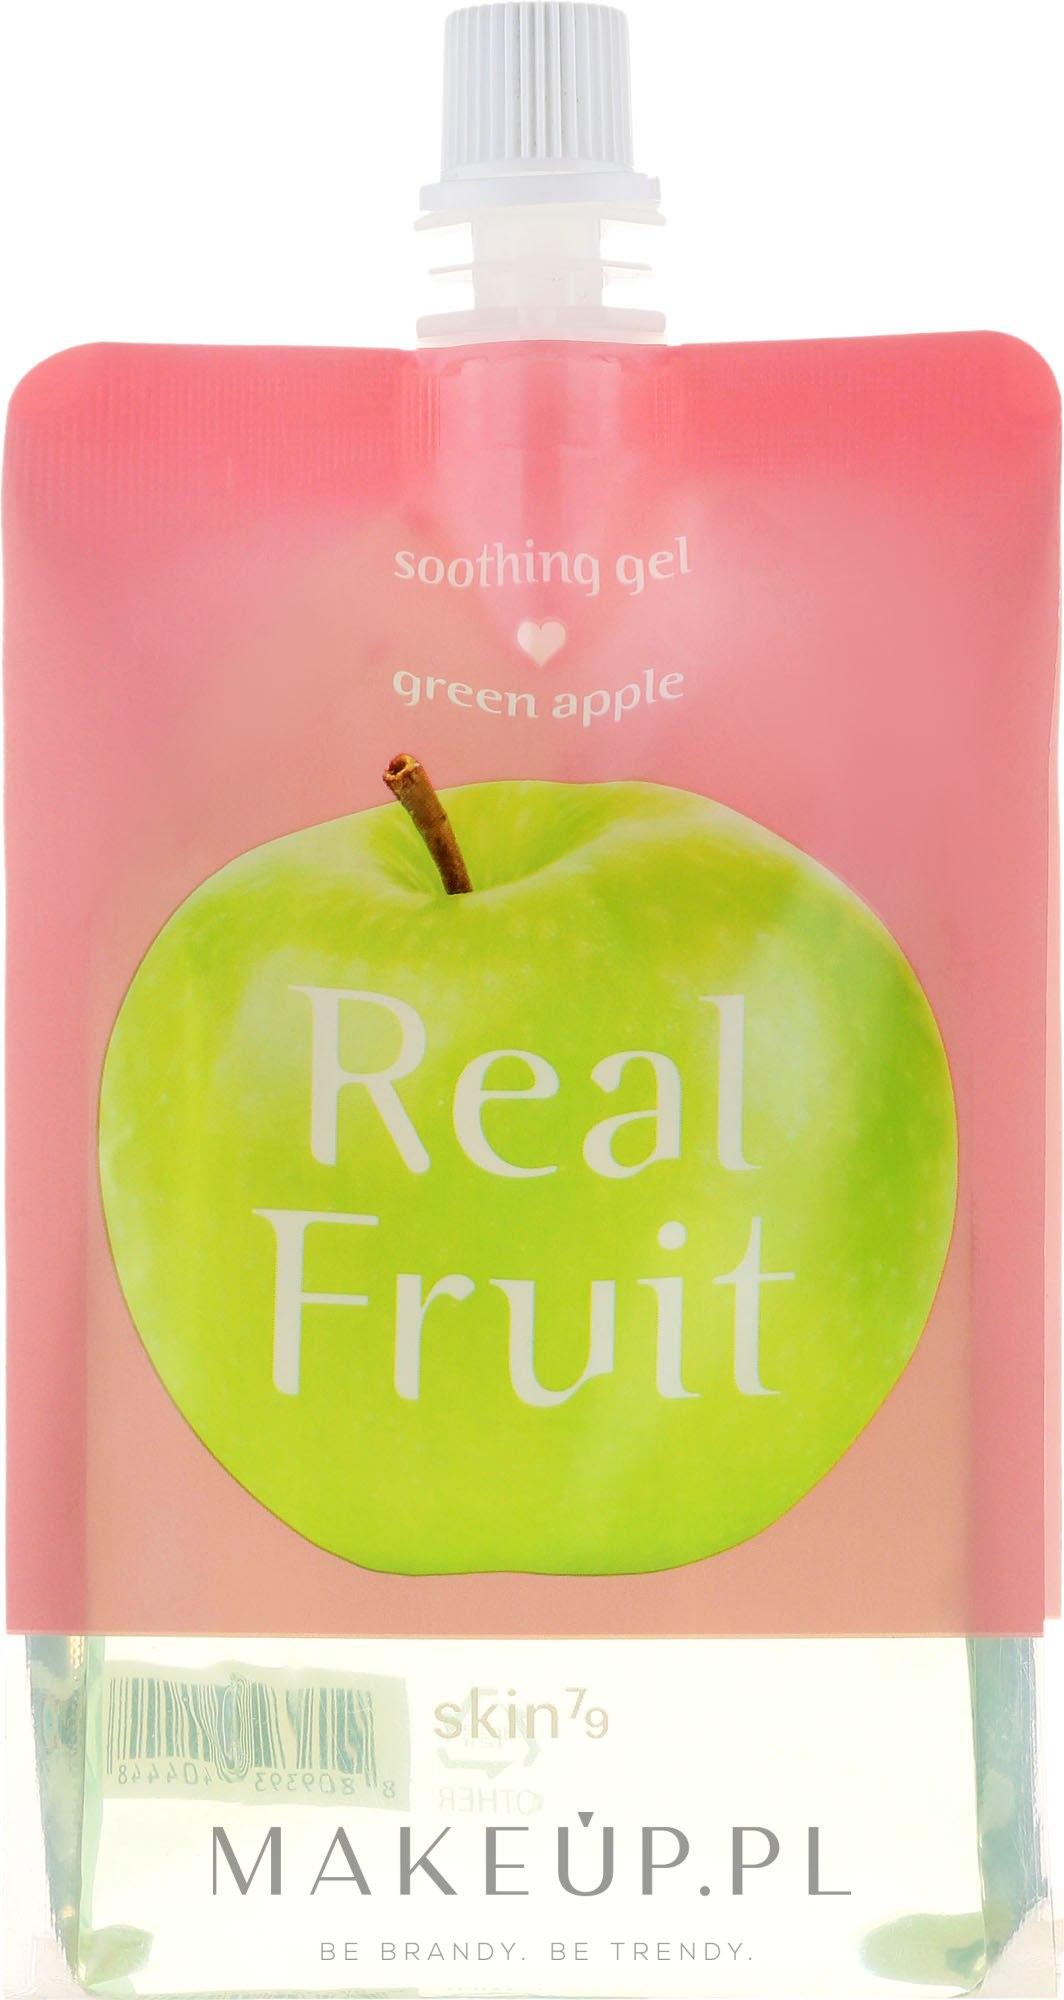 Odżywczo-nawilżający żel kojący do ciała Zielone jabłko - Skin79 Real Fruit Green Apple Soothing Gel — фото 300 g